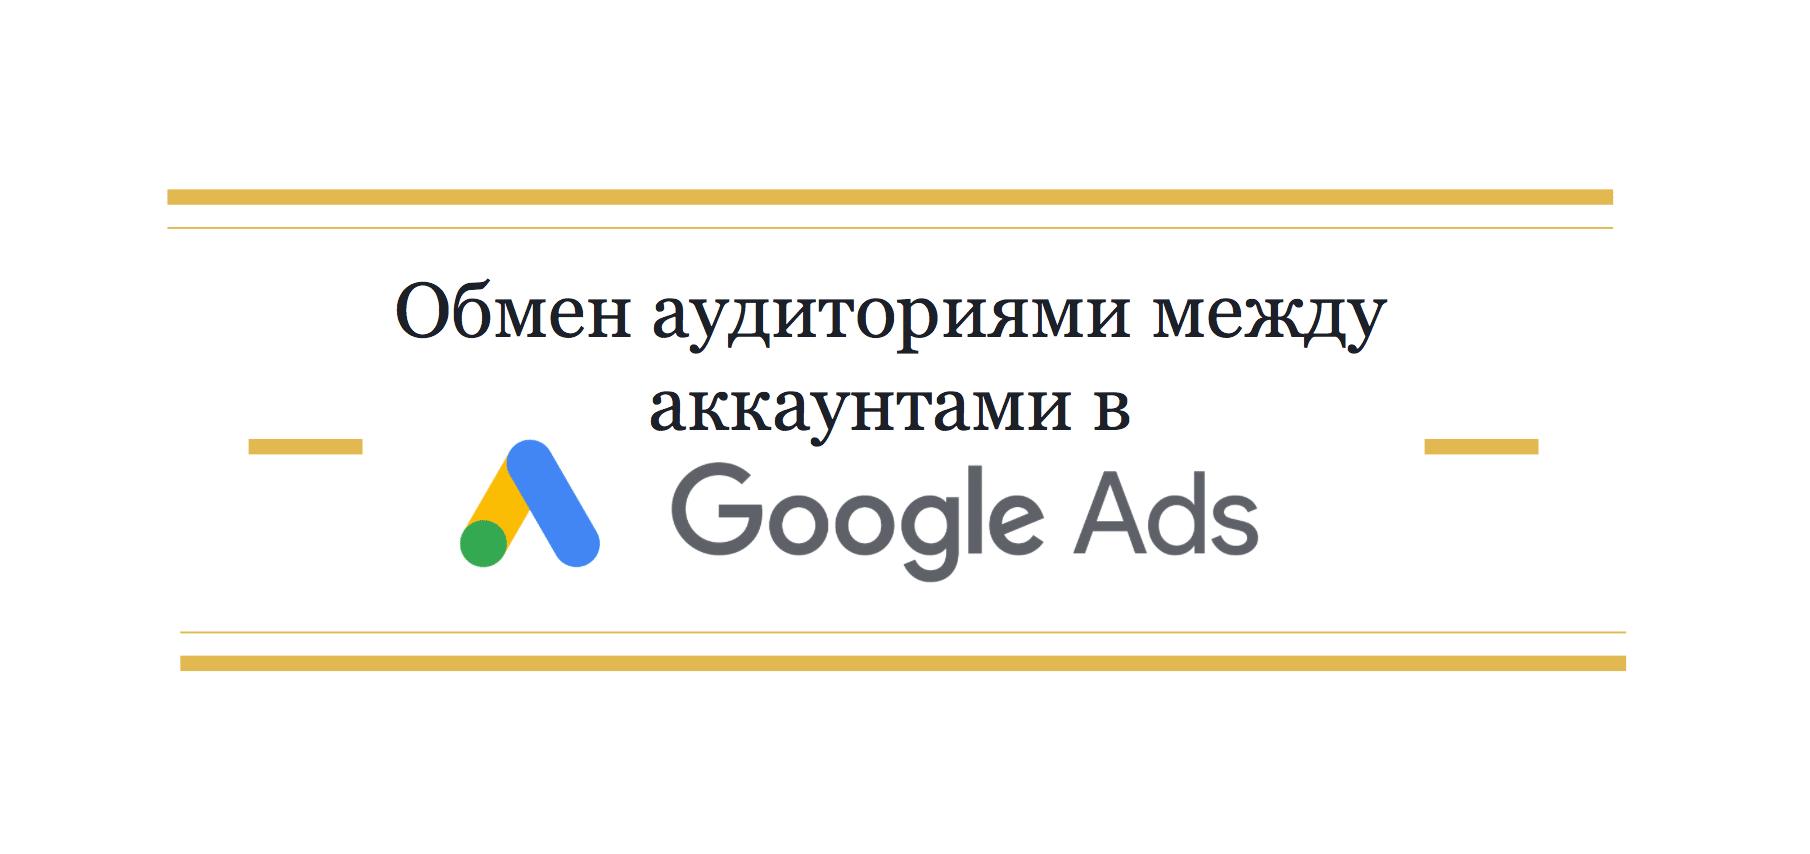 Обмен аудиториями между аккаунтами в Google Ads.